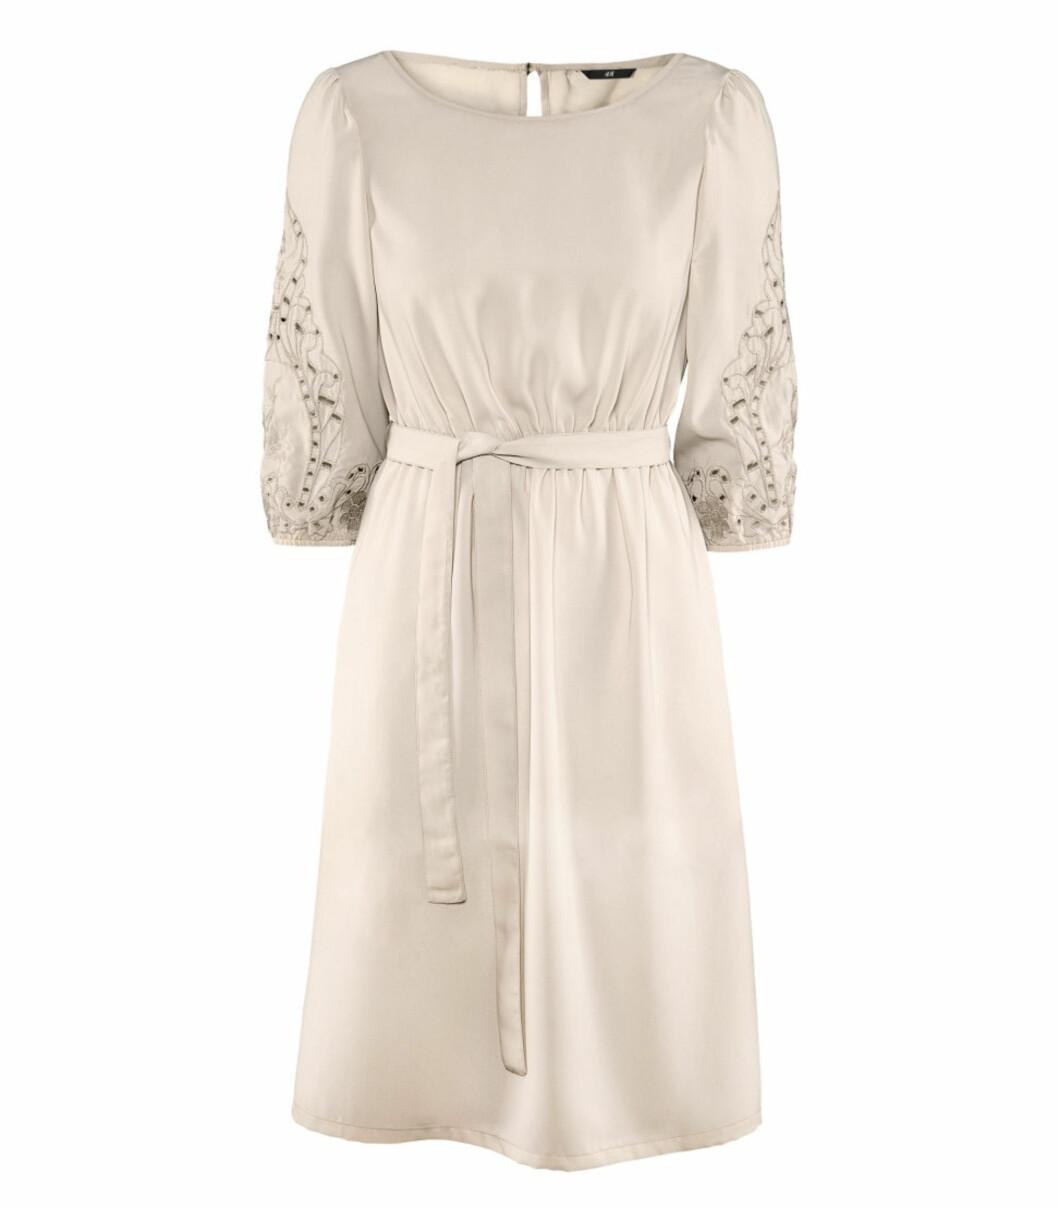 Kjole med fine detaljer (kr 199/H&M). Foto: Produsent